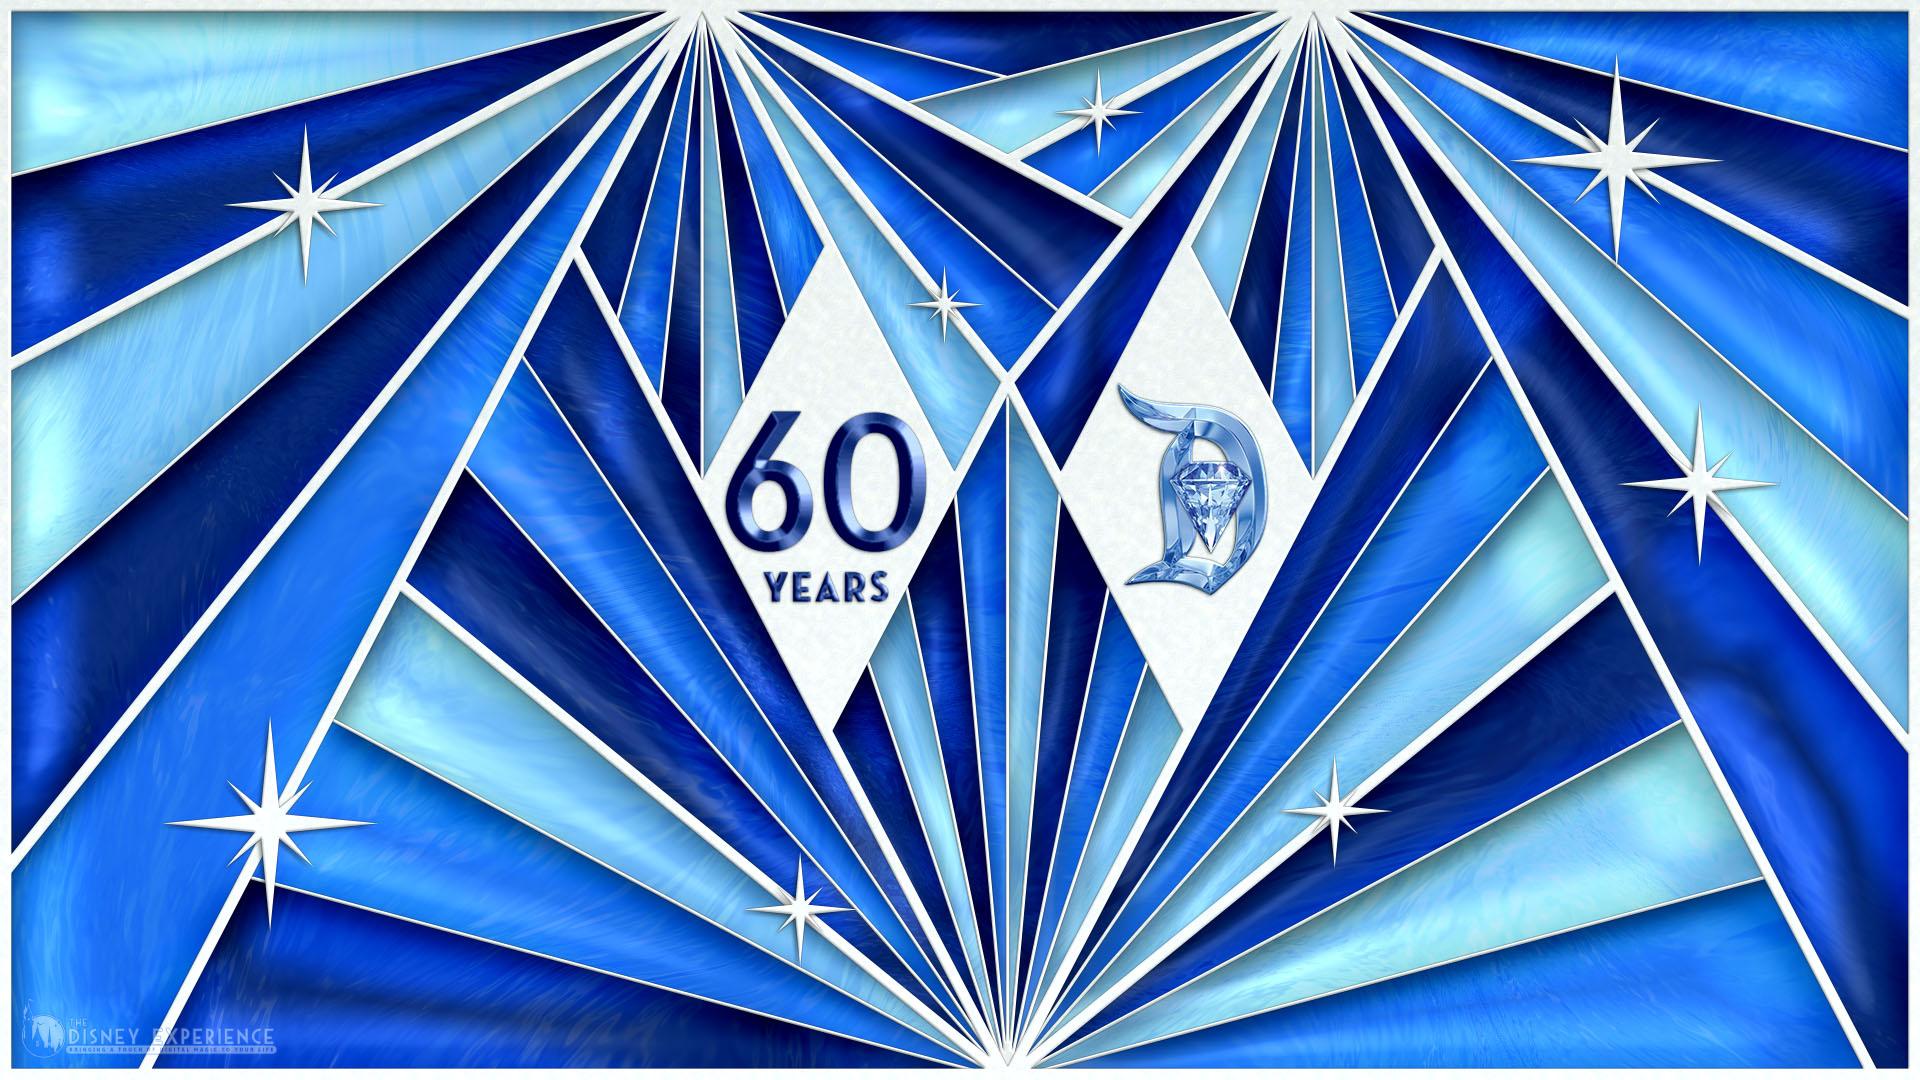 Disneyland 60th Anniversary 1920x1080